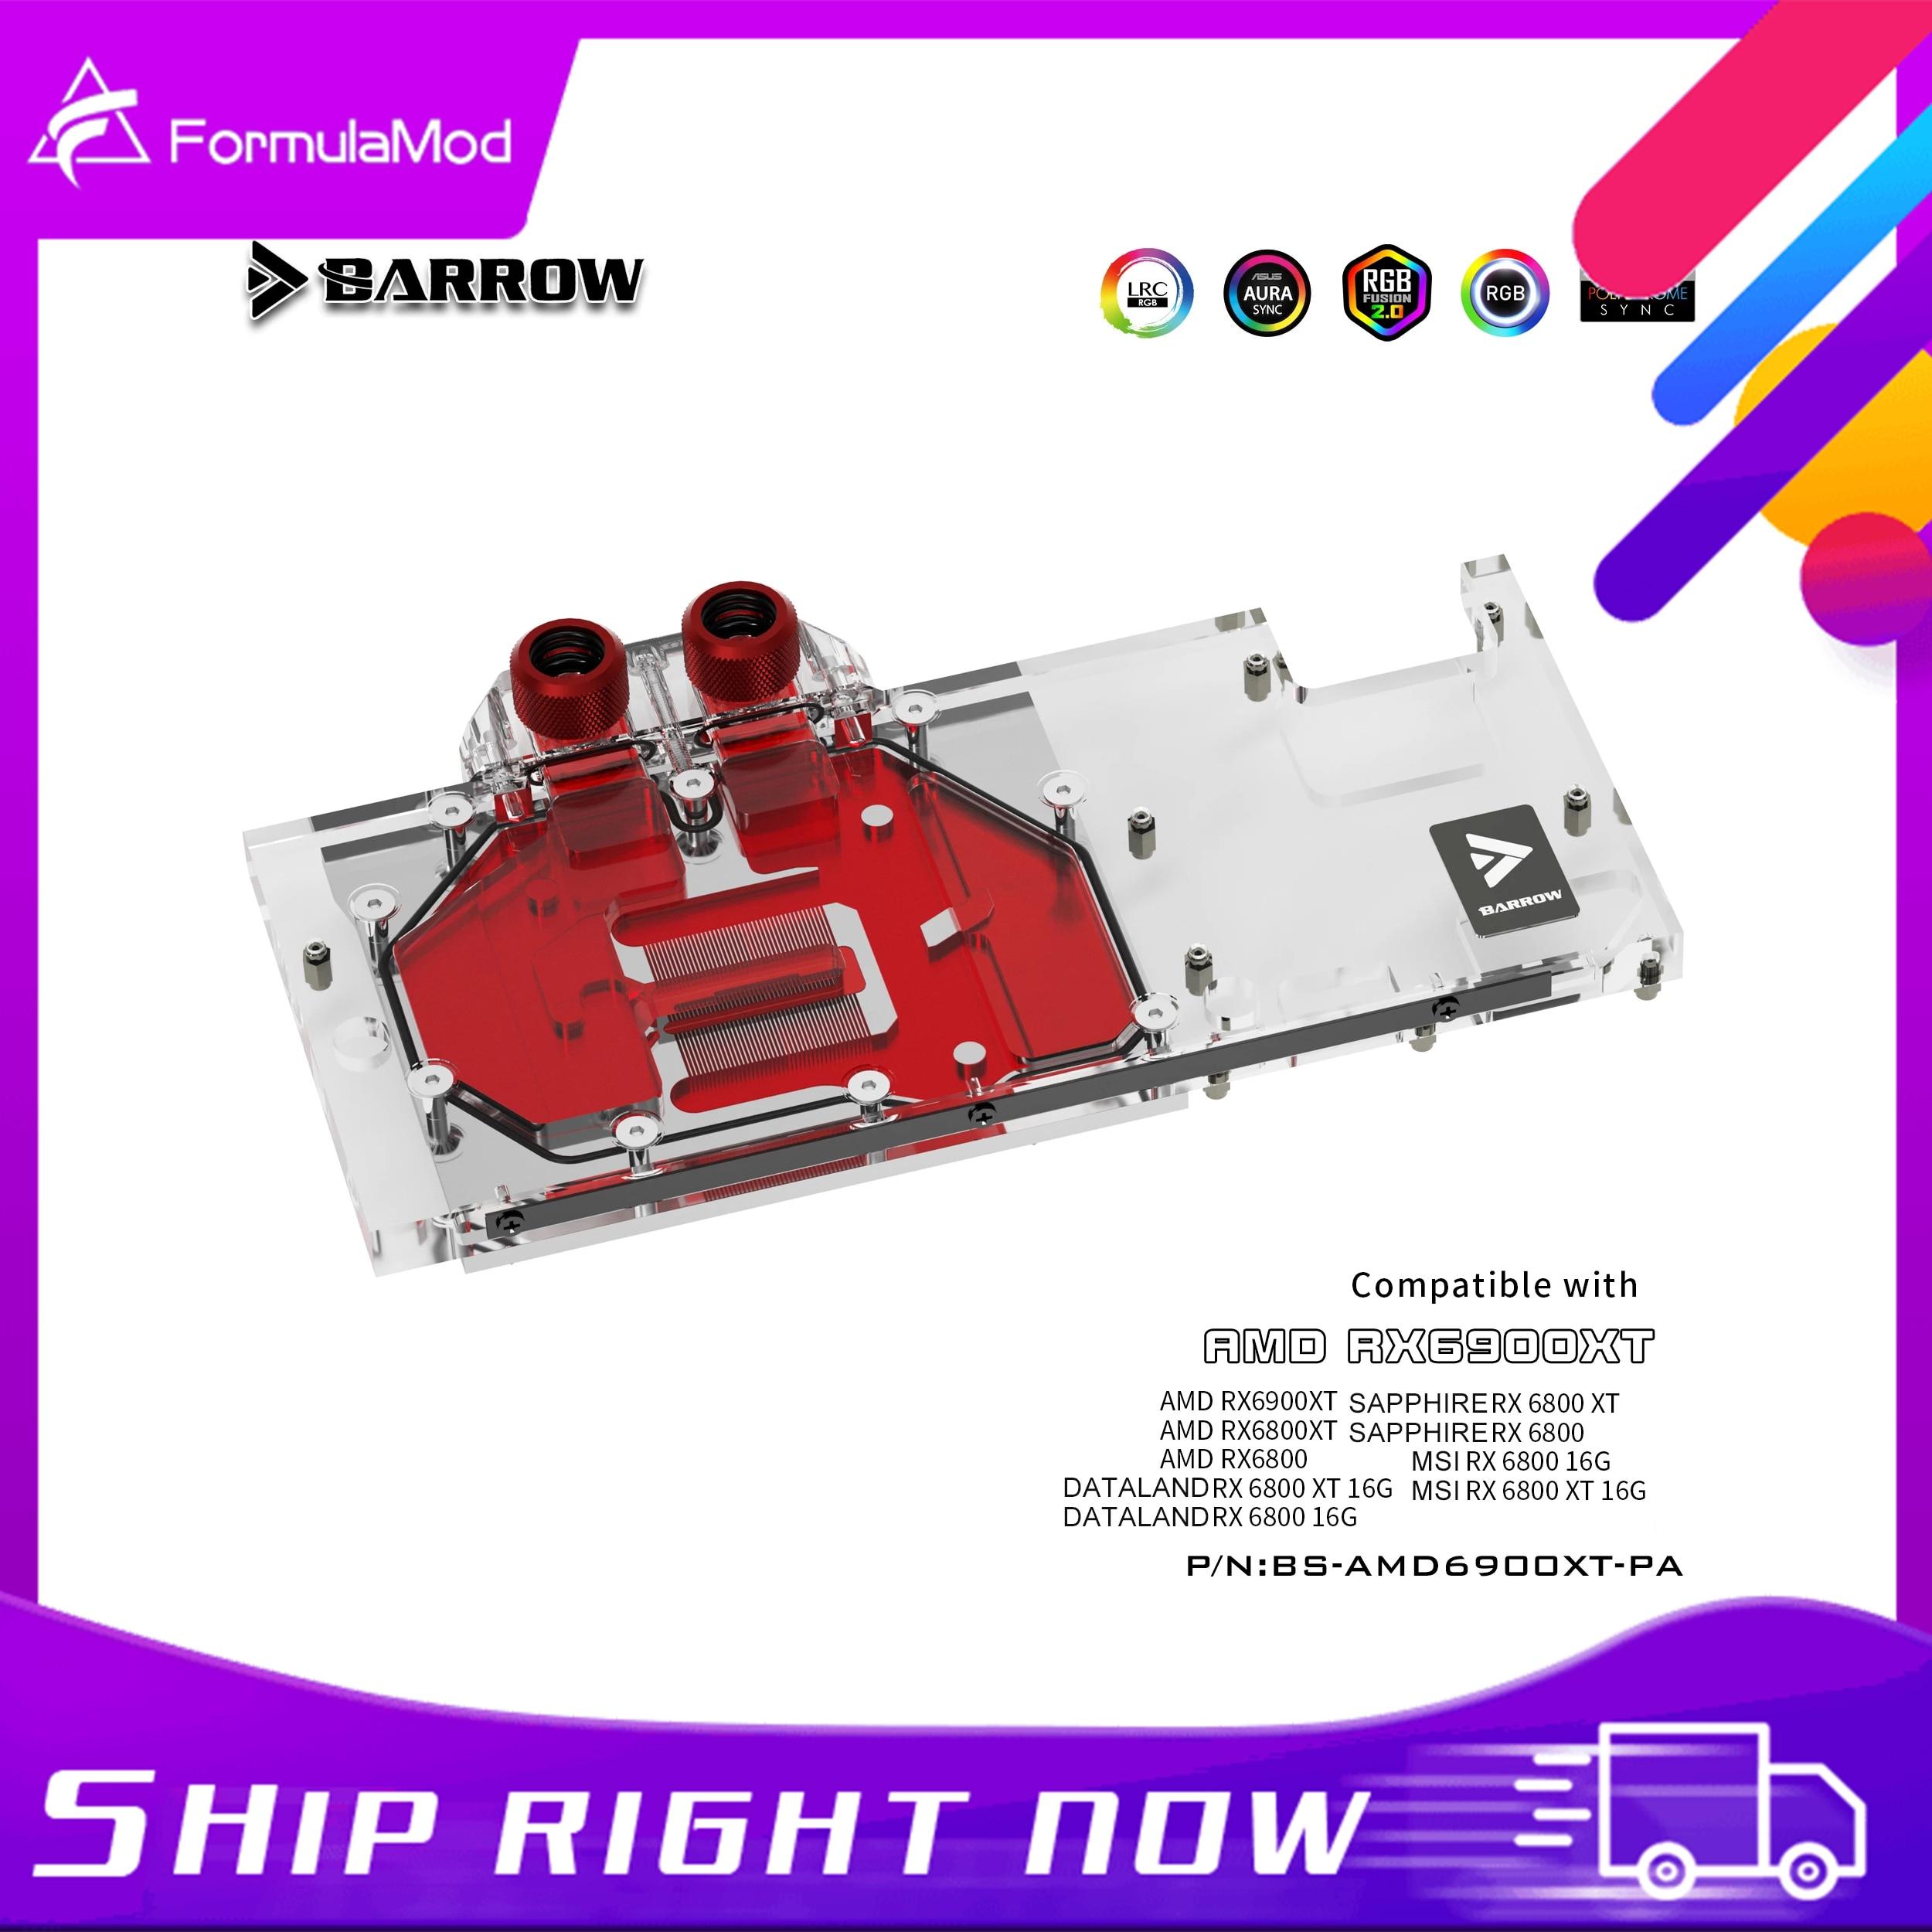 بارو 6900 وحدة معالجة الرسومات كتلة تبريد المياه ، التغطية الكاملة ل AMD مؤسس الطبعة MSI الياقوت RX 6900 6800 XT ، BS-AMD6900XT-PA